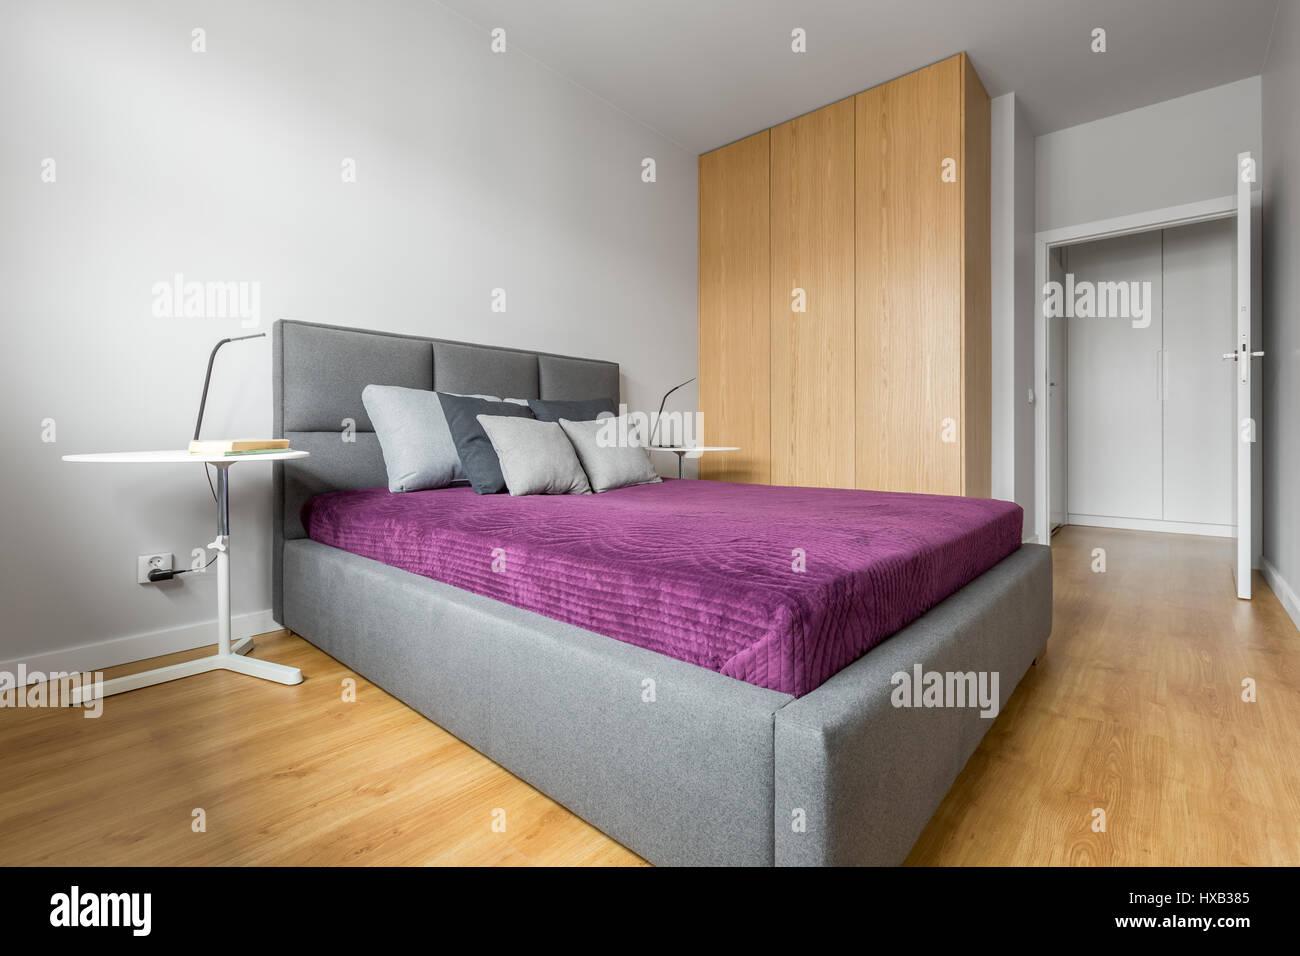 Camere Da Letto Stile Minimalista : Camera da letto progettato in stile minimalista con grande letto